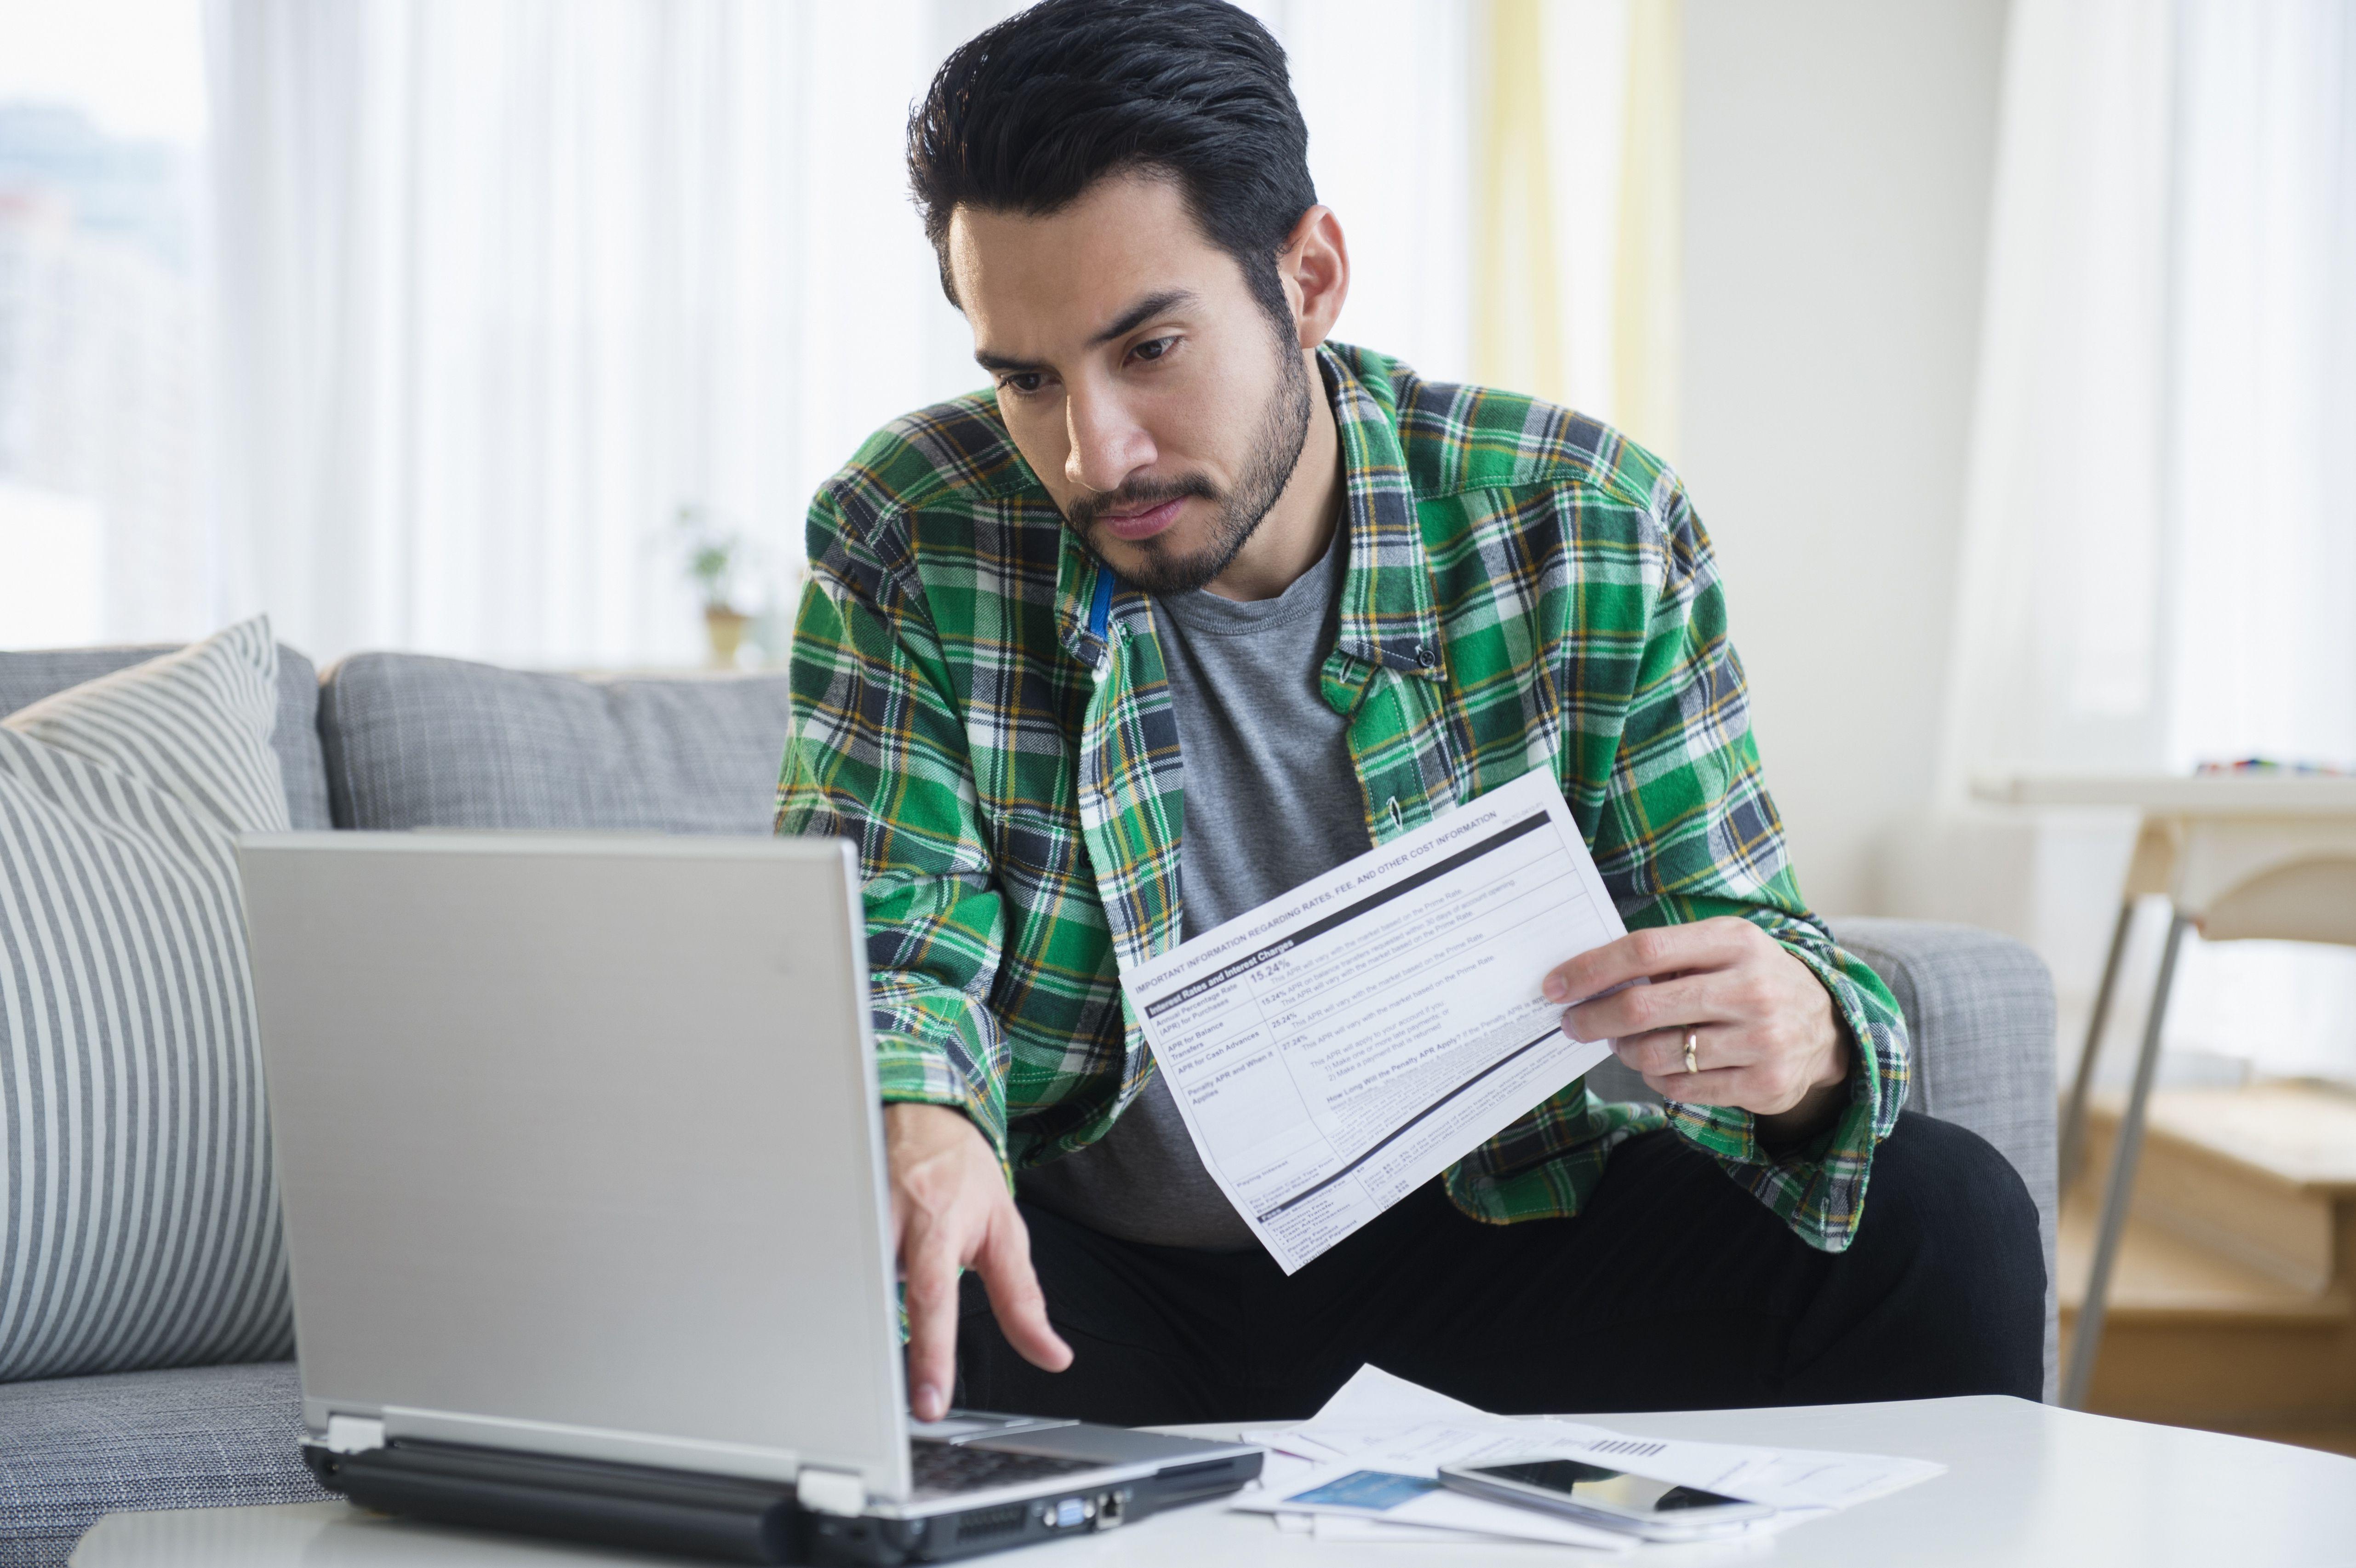 Mann, der Rechnungen im Wohnzimmer bezahlt